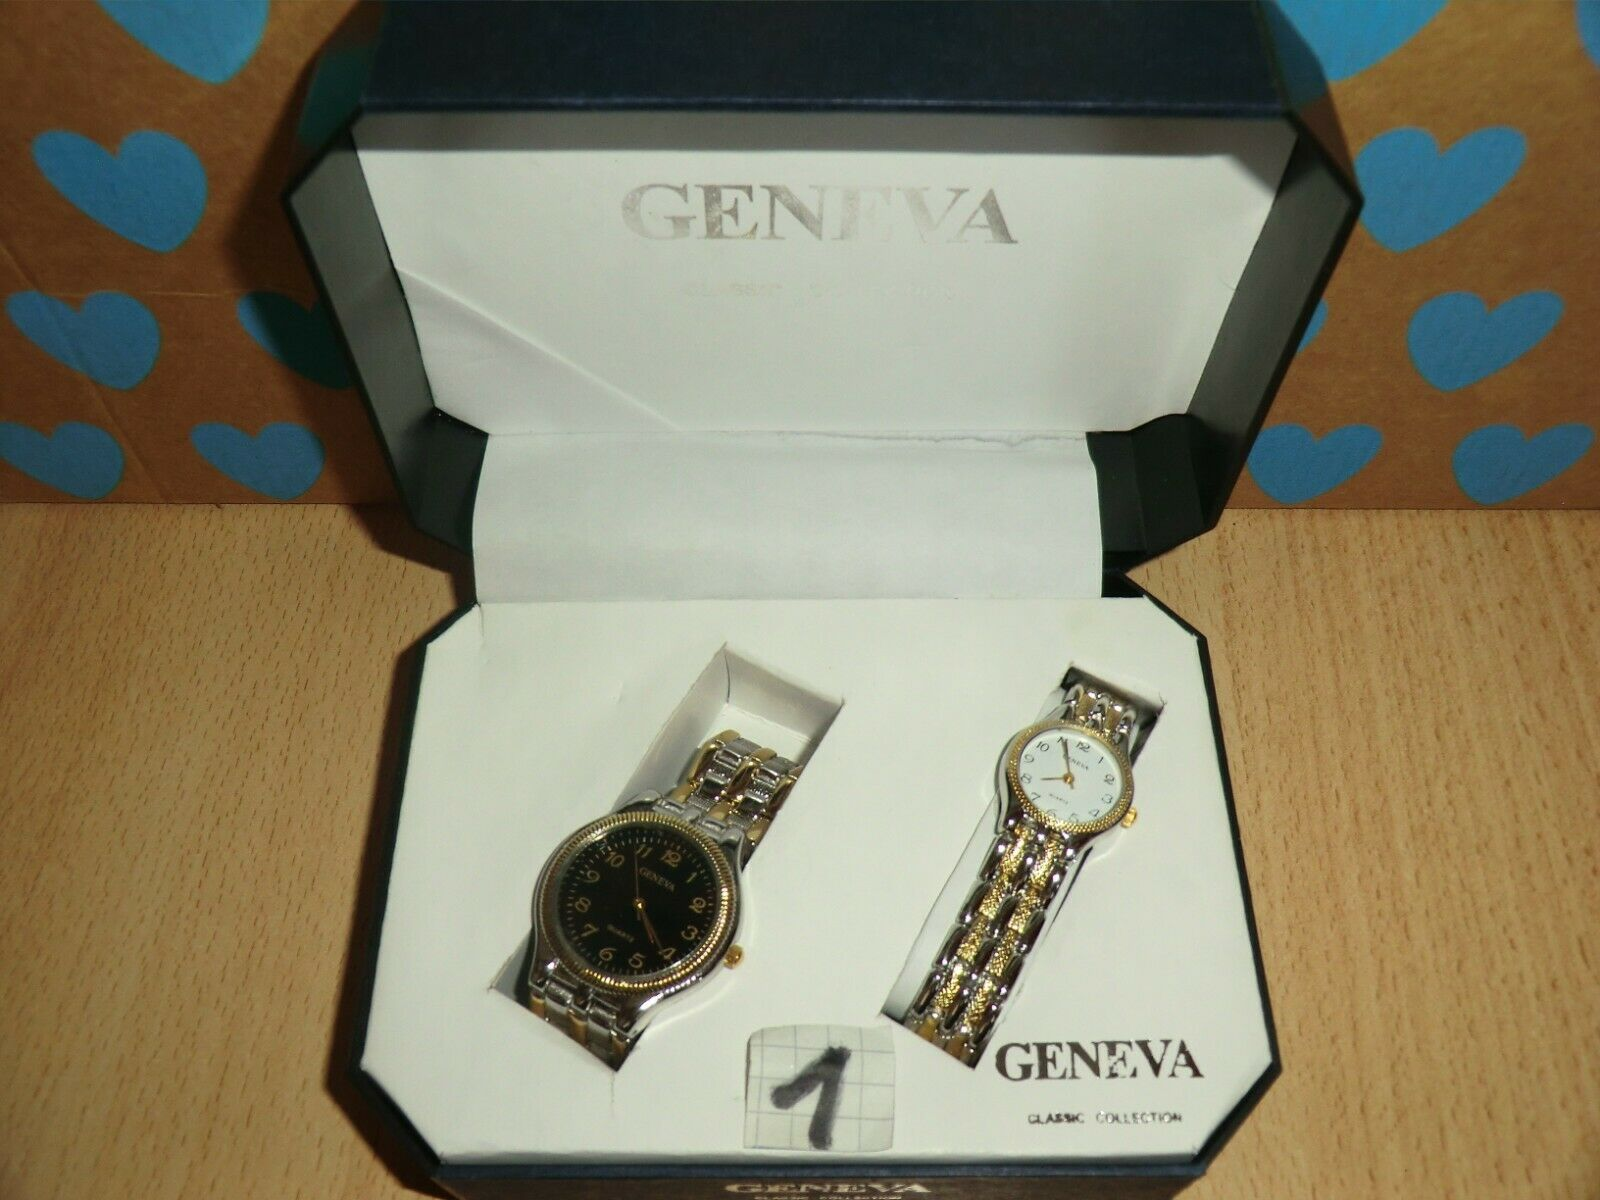 Uhren Set Geneva , 2 Damenuhren , neuwertig in Originalbox